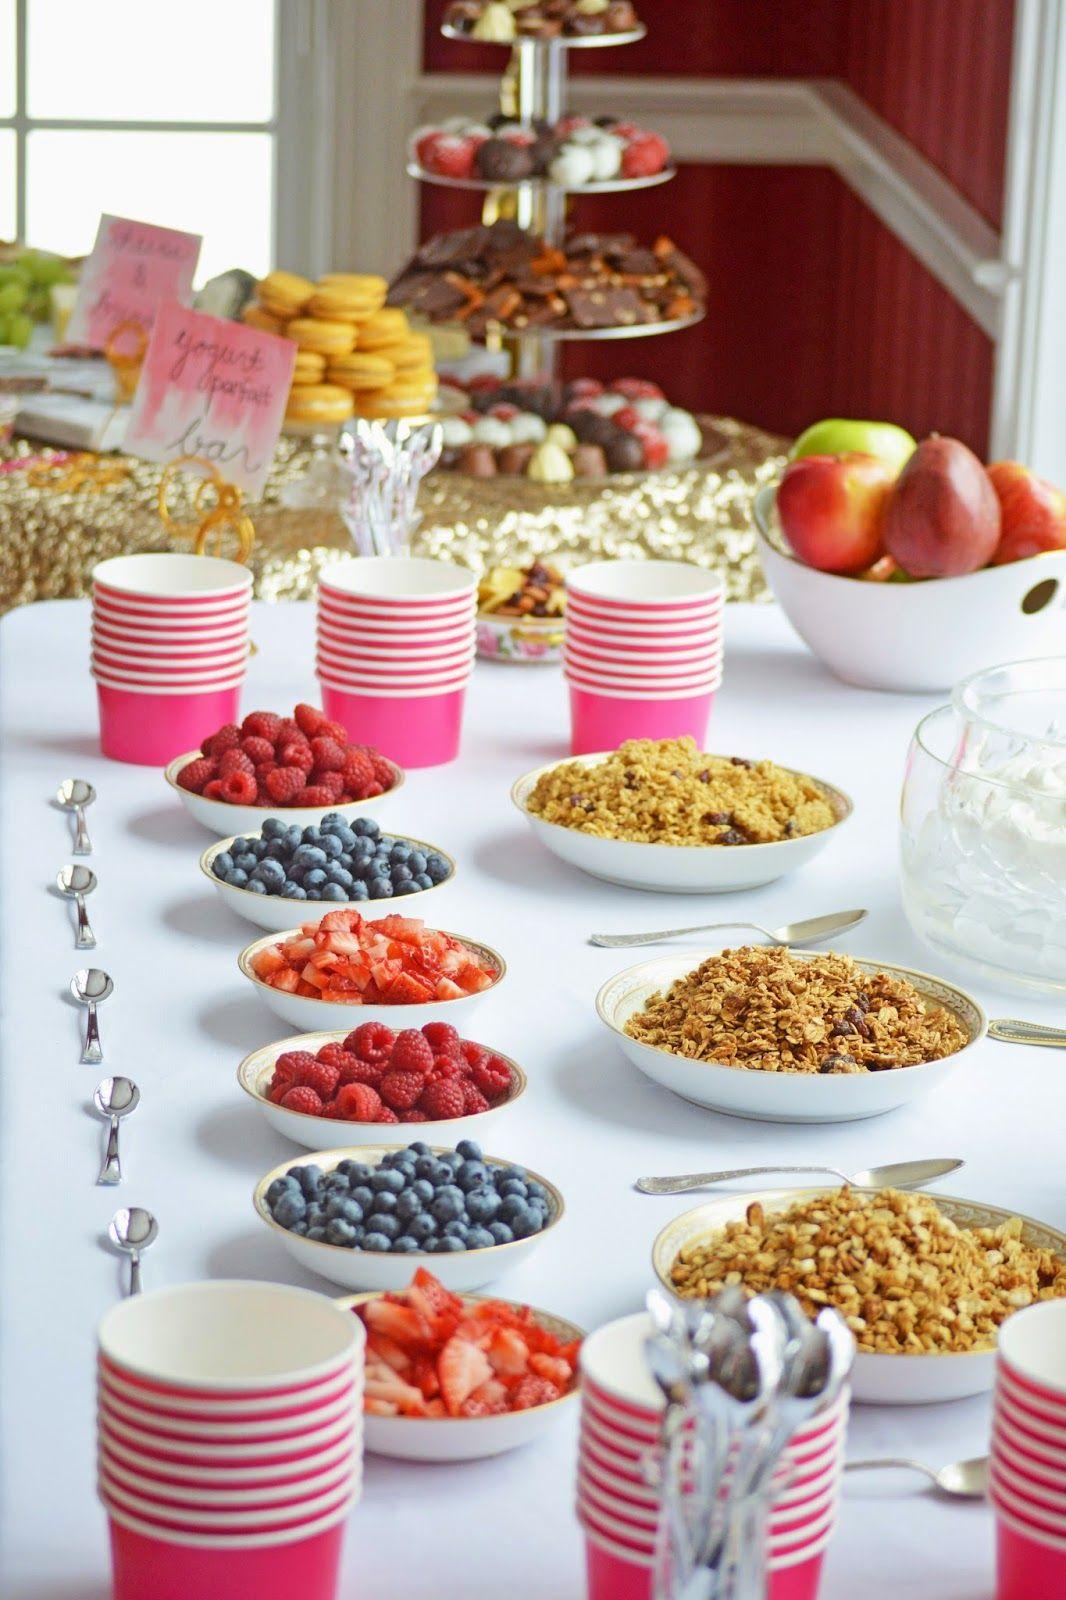 ideas for bridal shower brunch food%0A fruit  granola  and yogurt parfait bar  spring bridal shower brunch